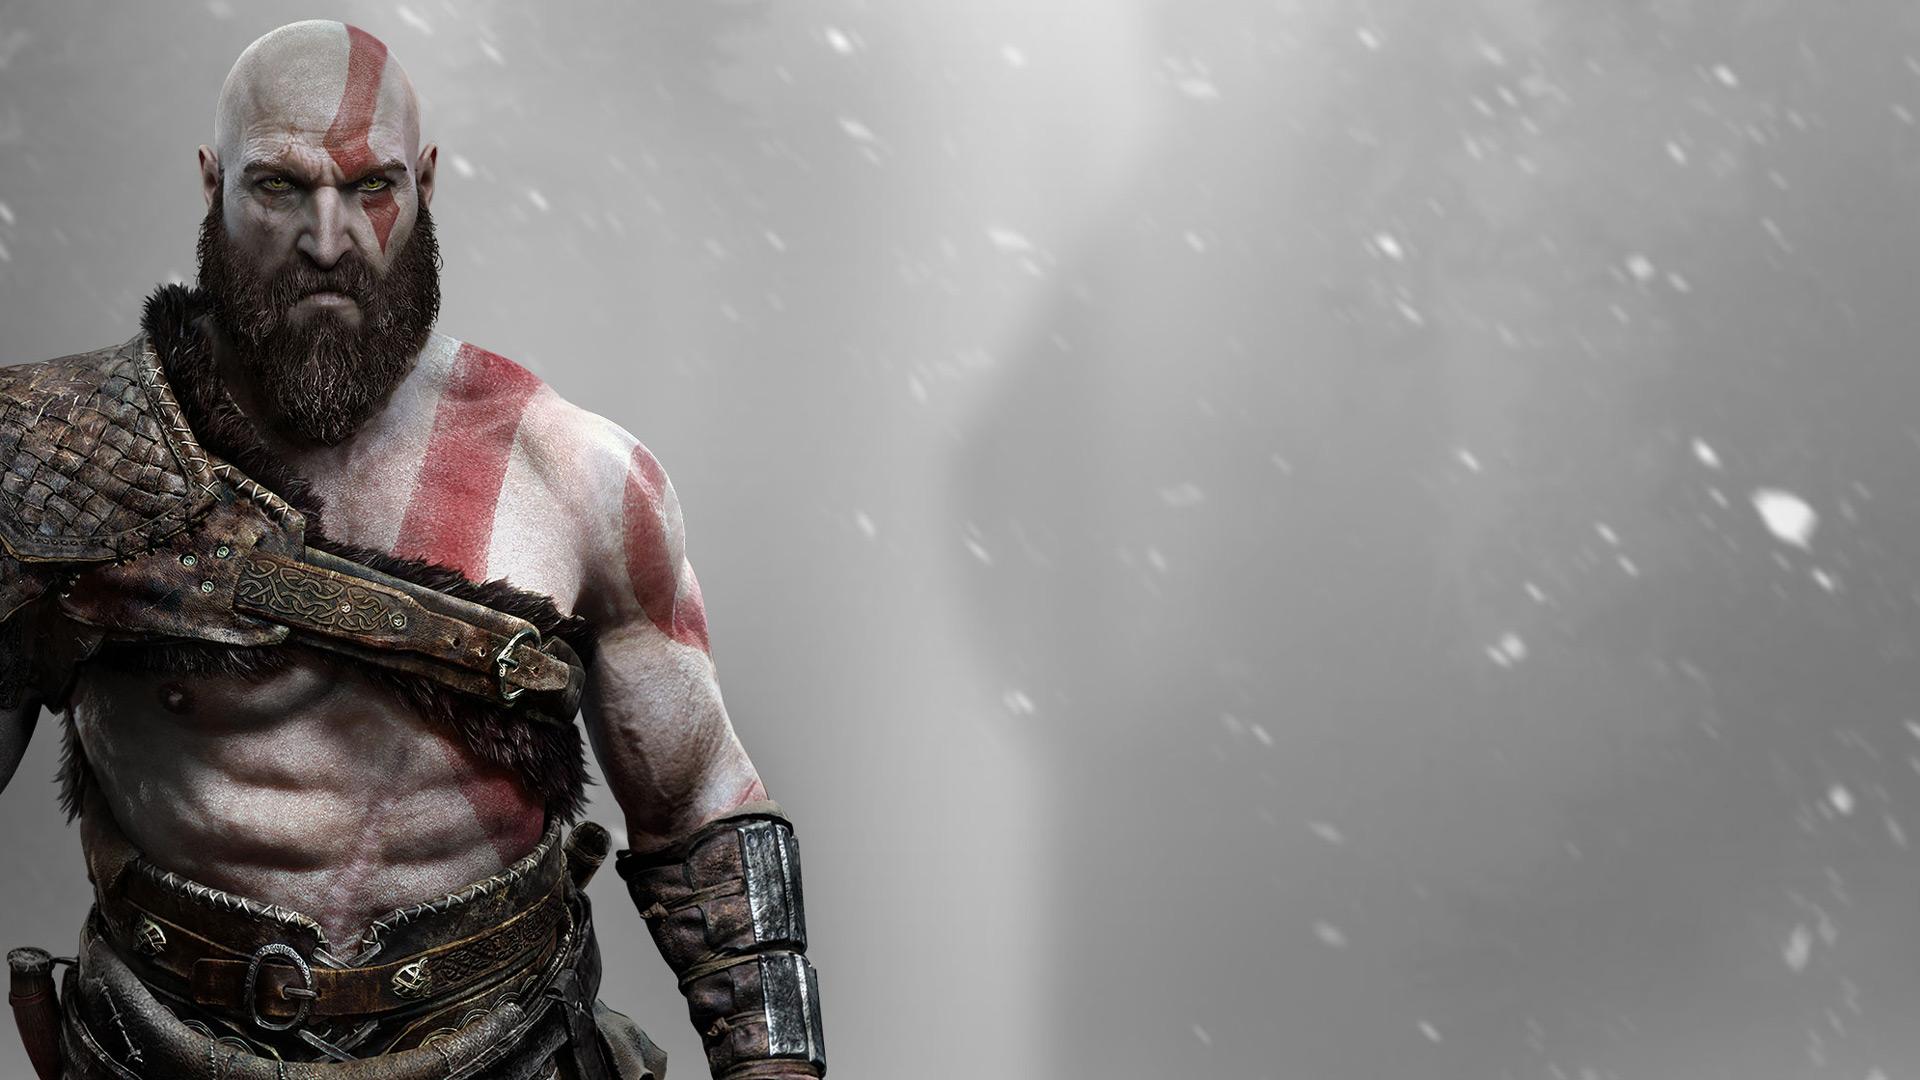 Kratos главный герой игры God of War Обои для рабочего стола 1280x1024